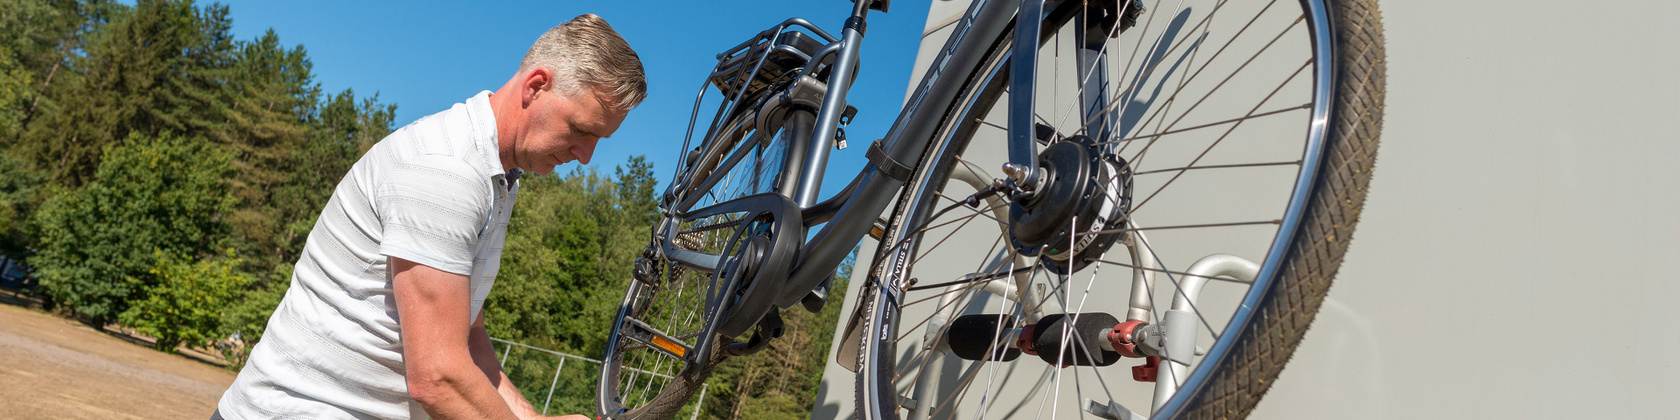 Wat is het gewicht van een elektrische fiets?